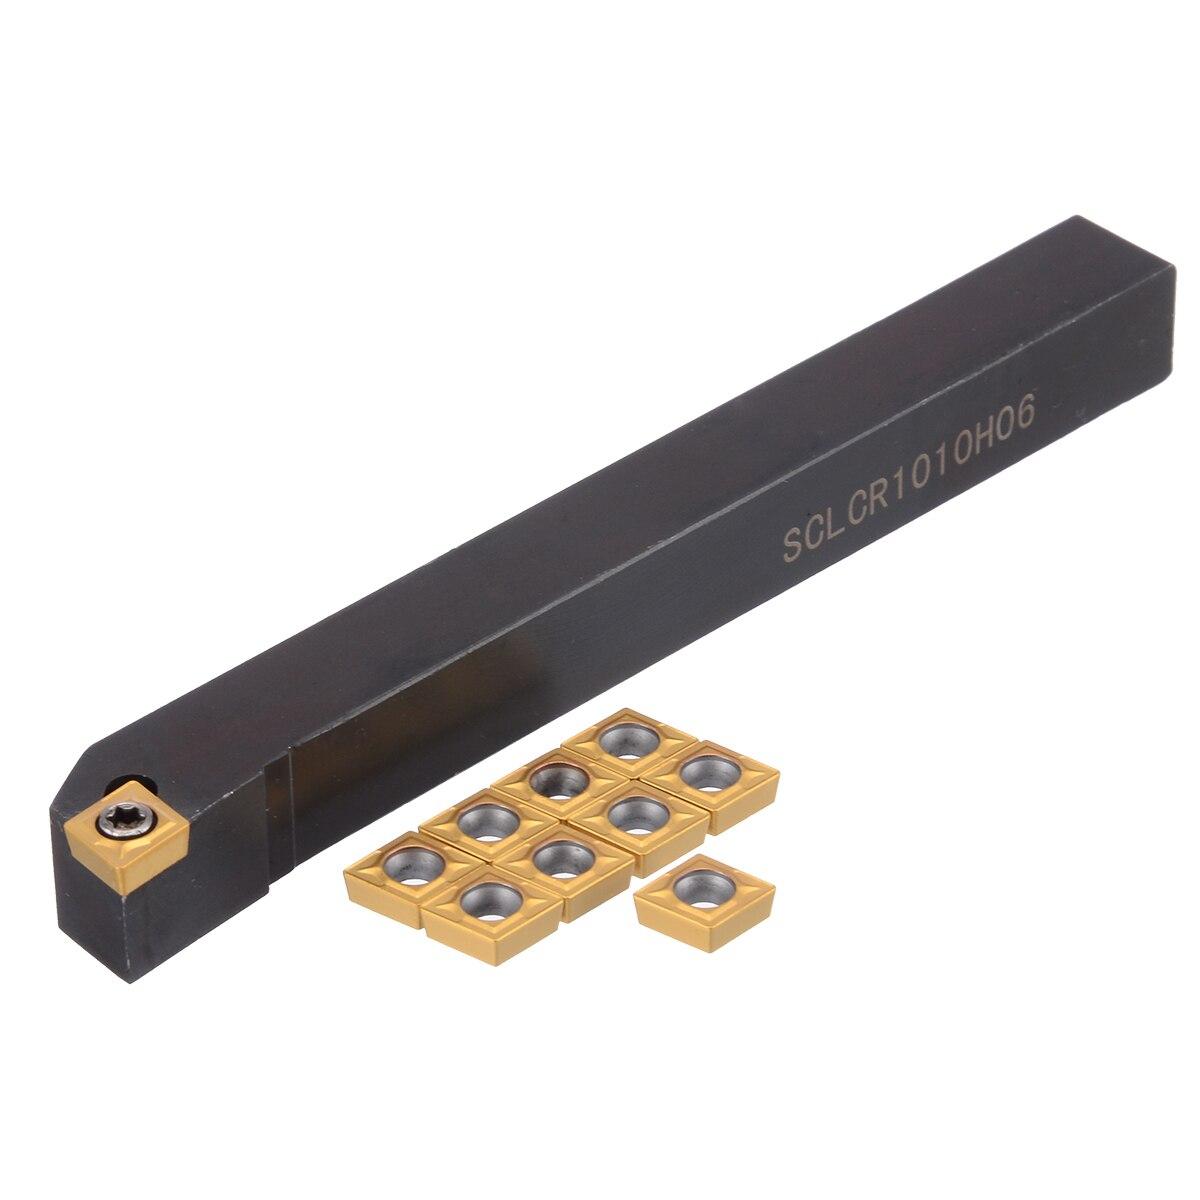 Ferramenta de torneamento de torno prático 1pc sclcr1010h06 chato barra + 10 peças inserções ccmt0602 1 chave de fenda